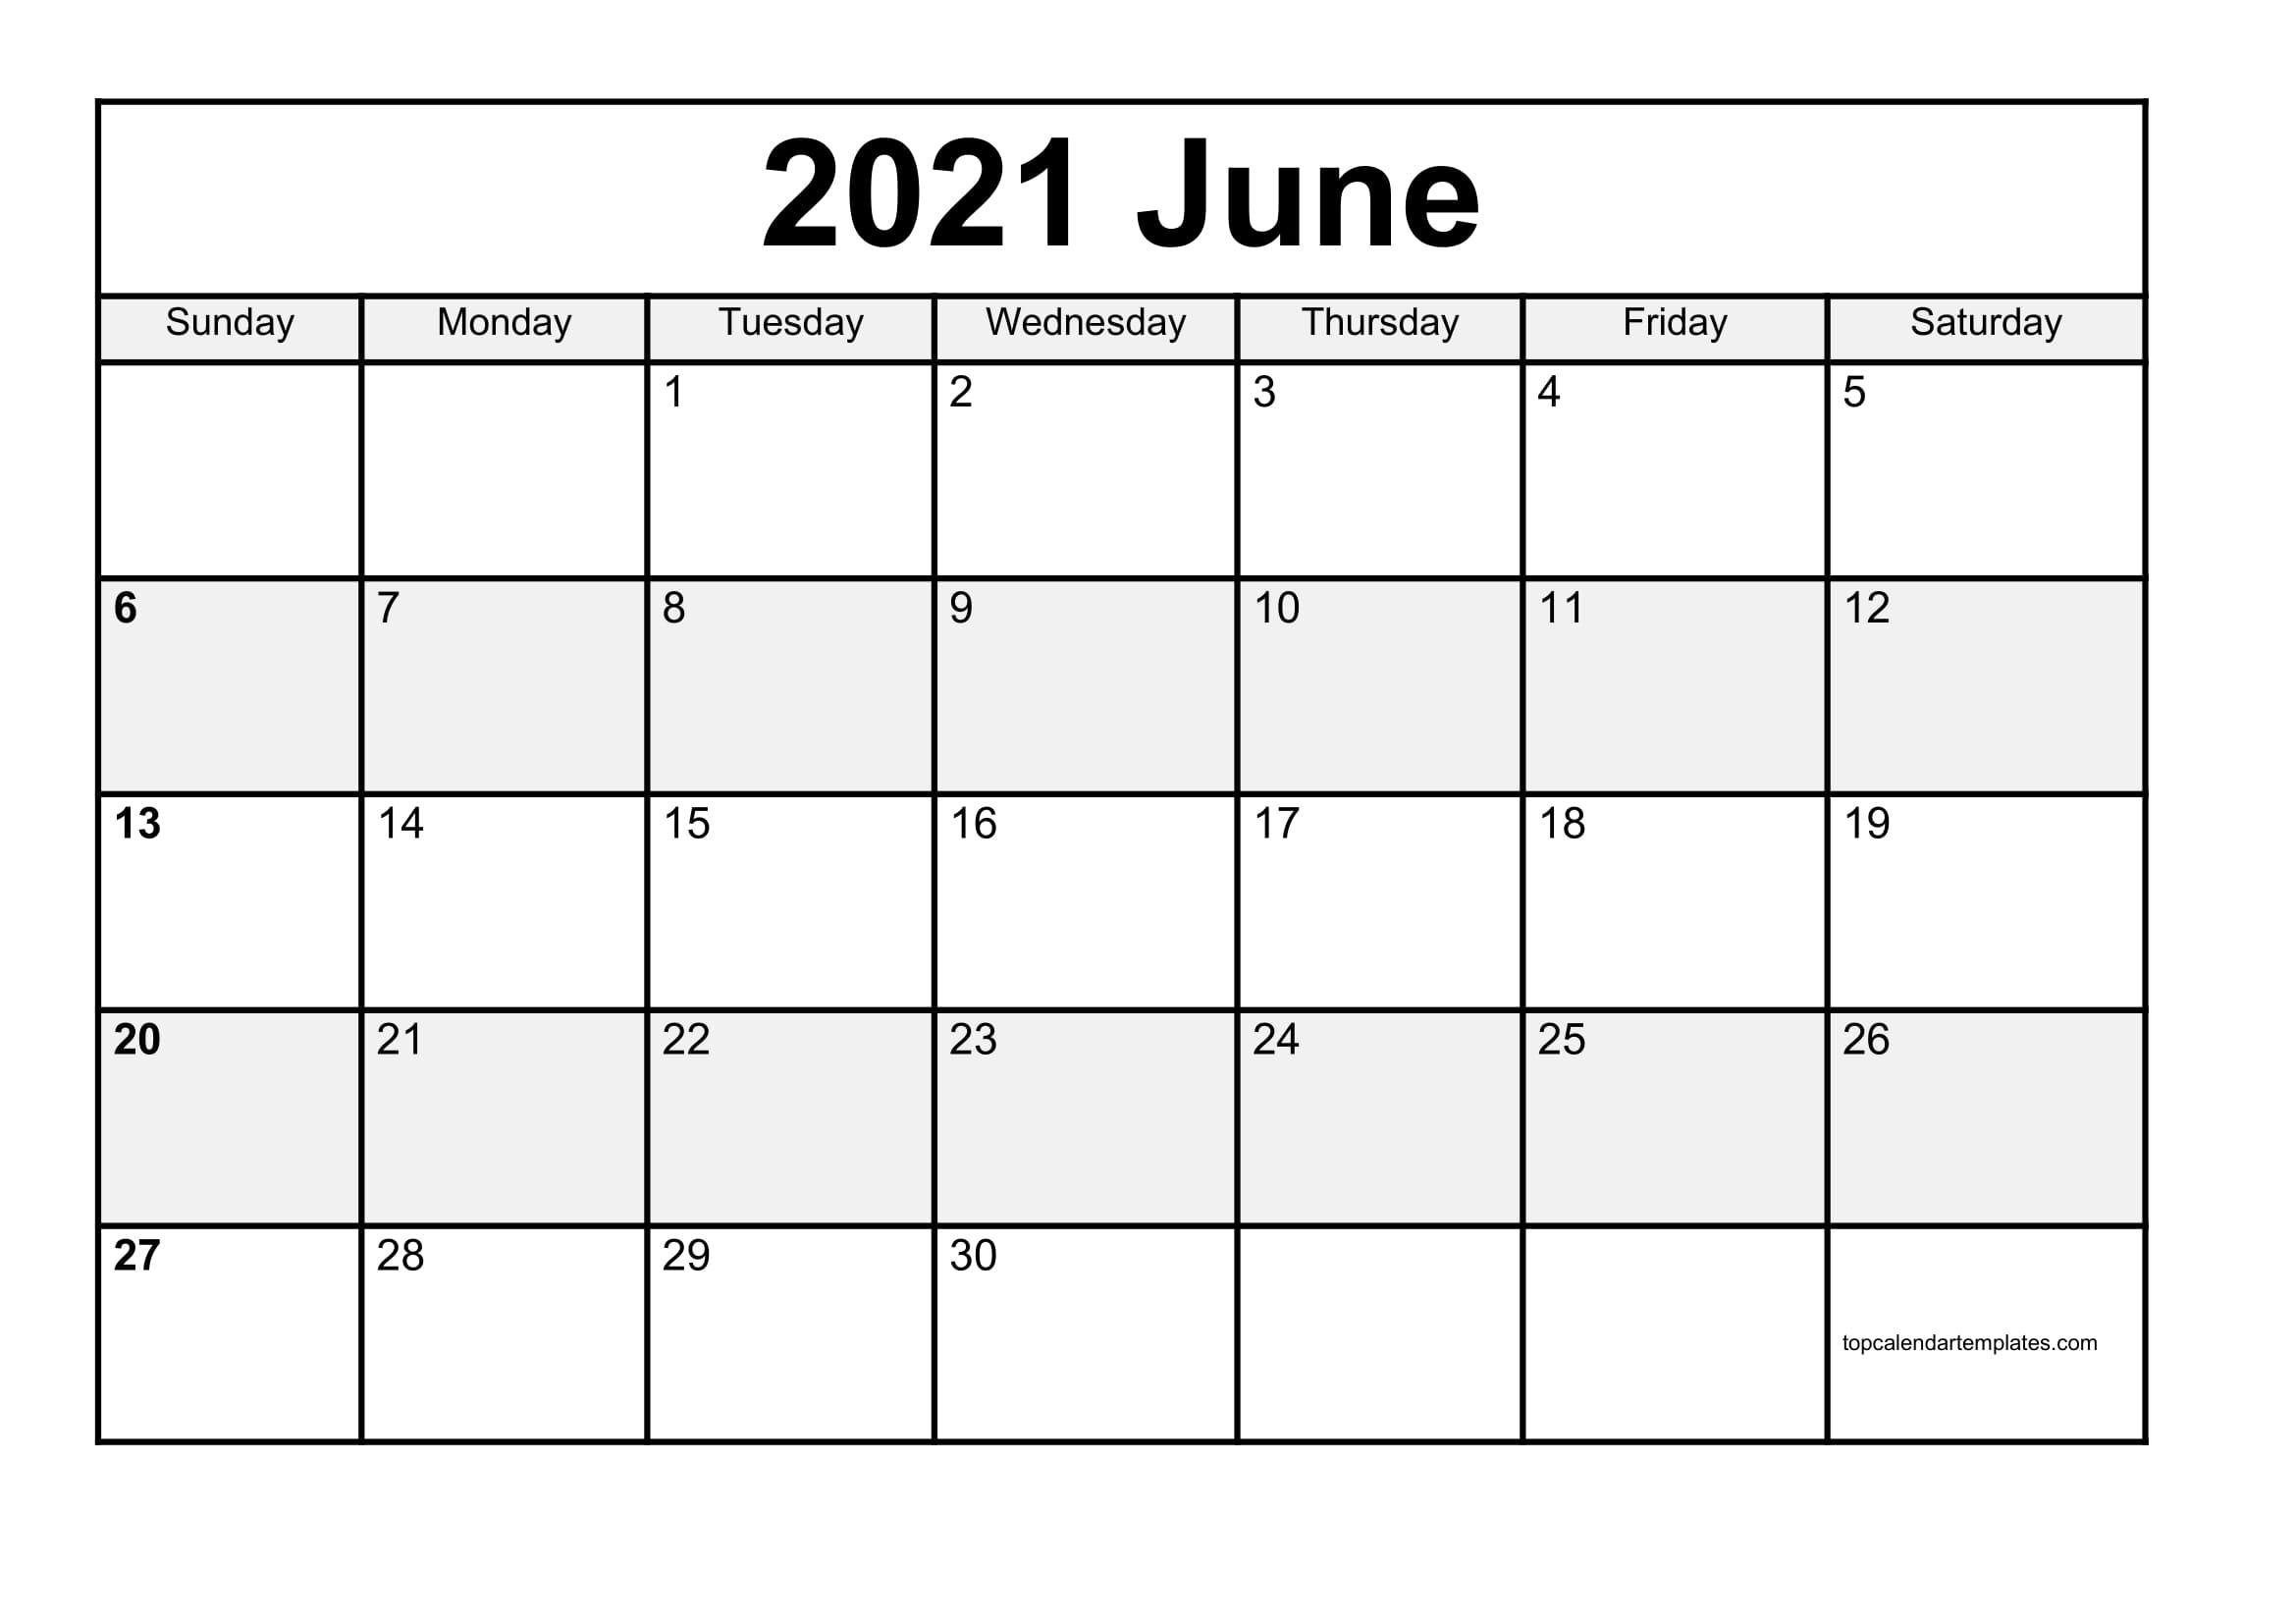 Free June 2021 Printable Calendar In Editable Format June 2021 Calendar Panchang